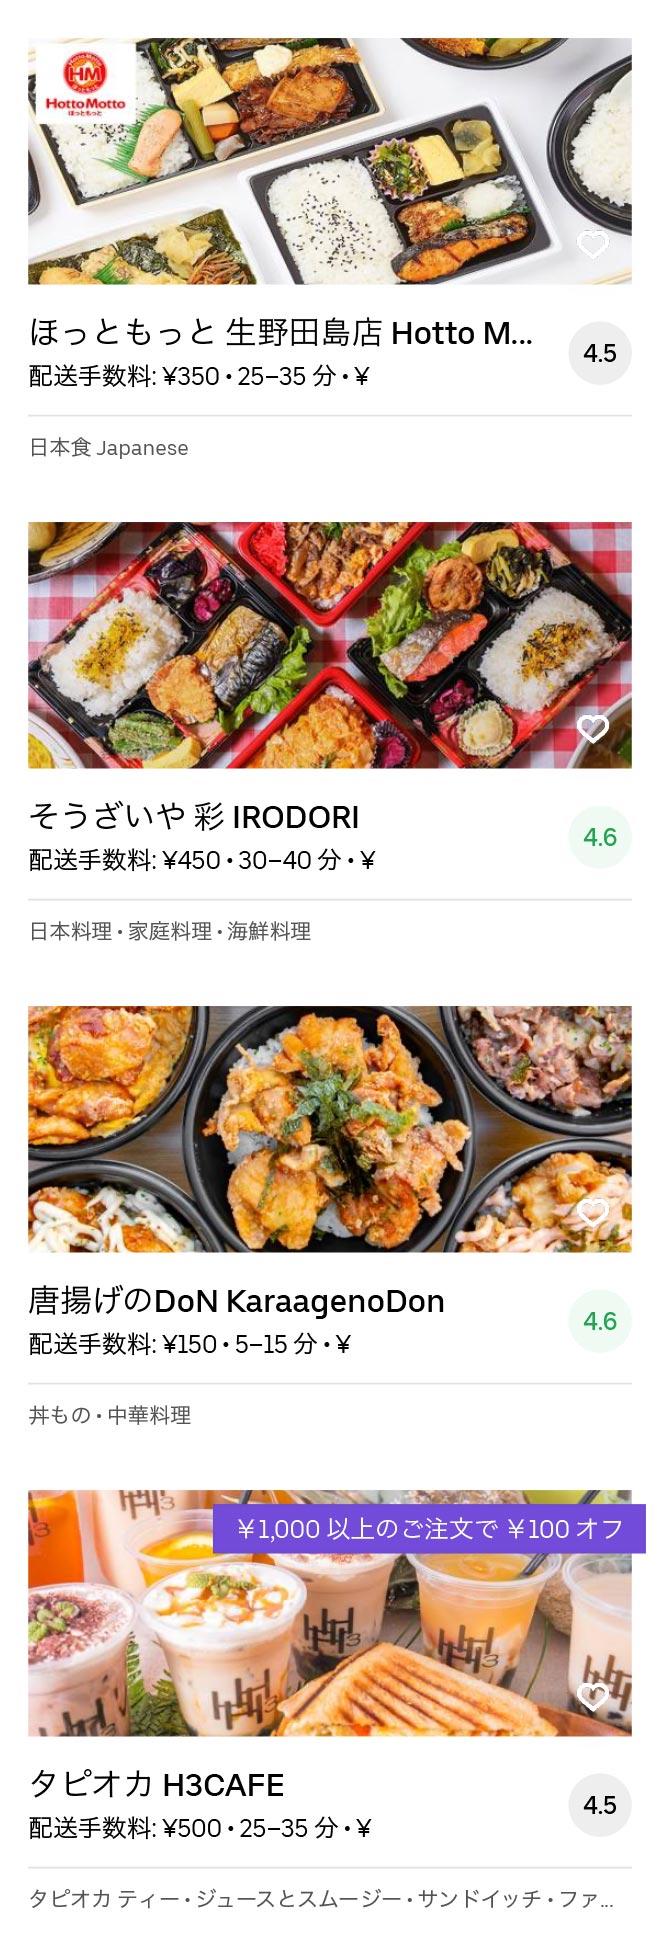 Higashi osaka nagase menu 2005 10